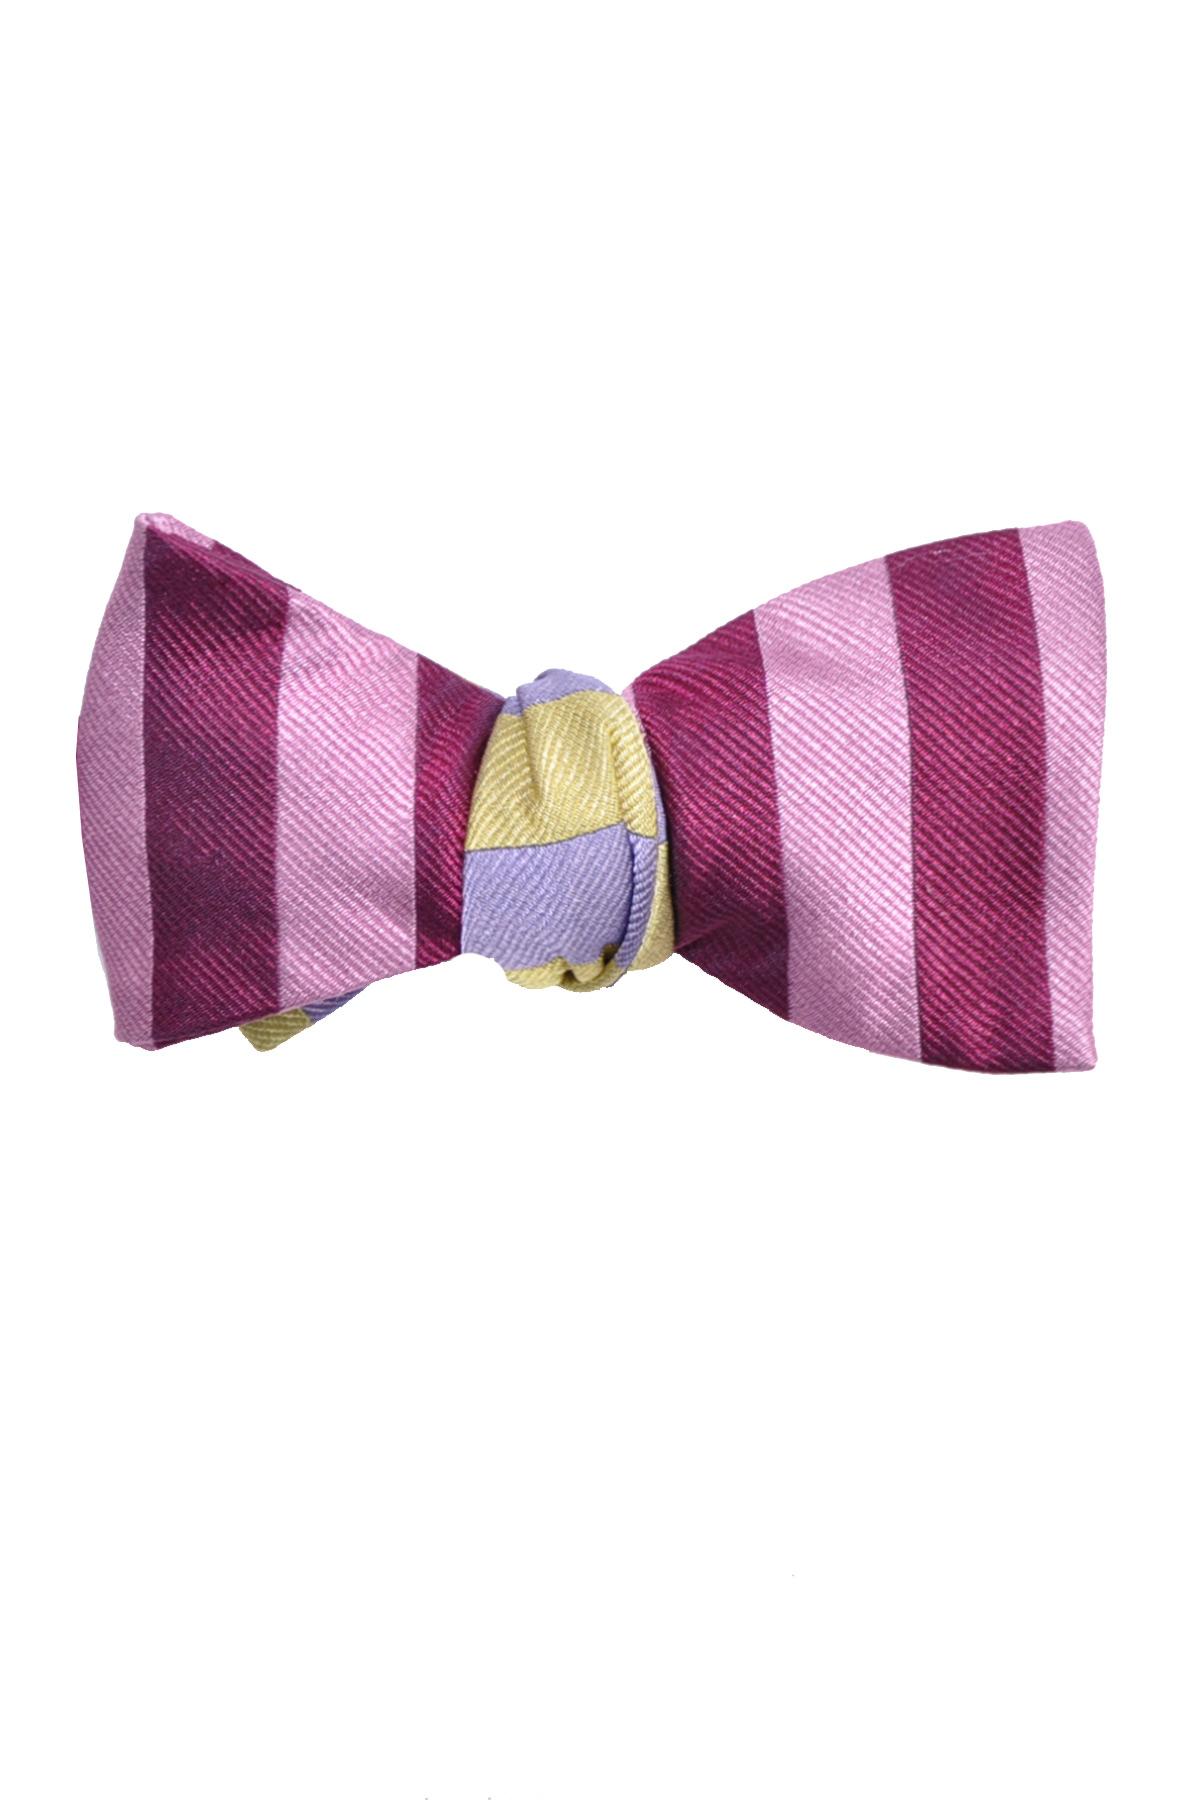 f4d2f3c94ecf Designer Bowties - Silk/ Velvet Men Bow Ties SALE Pictures